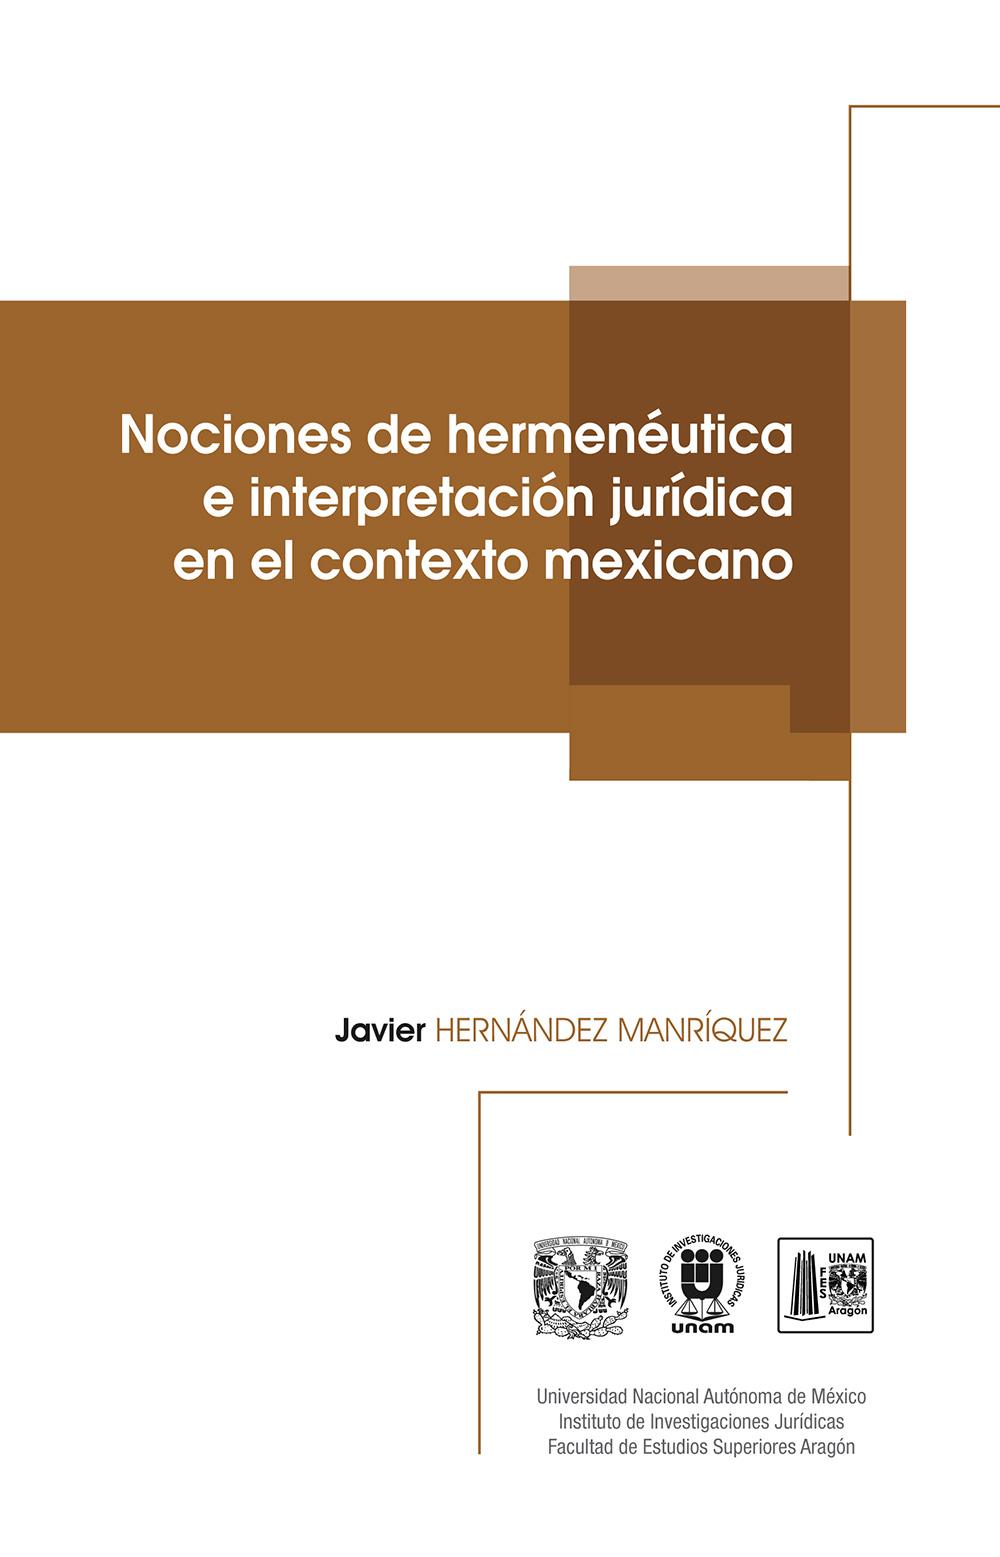 Nociones de hermenéutica e interpretación jurídica en el contexto mexicano